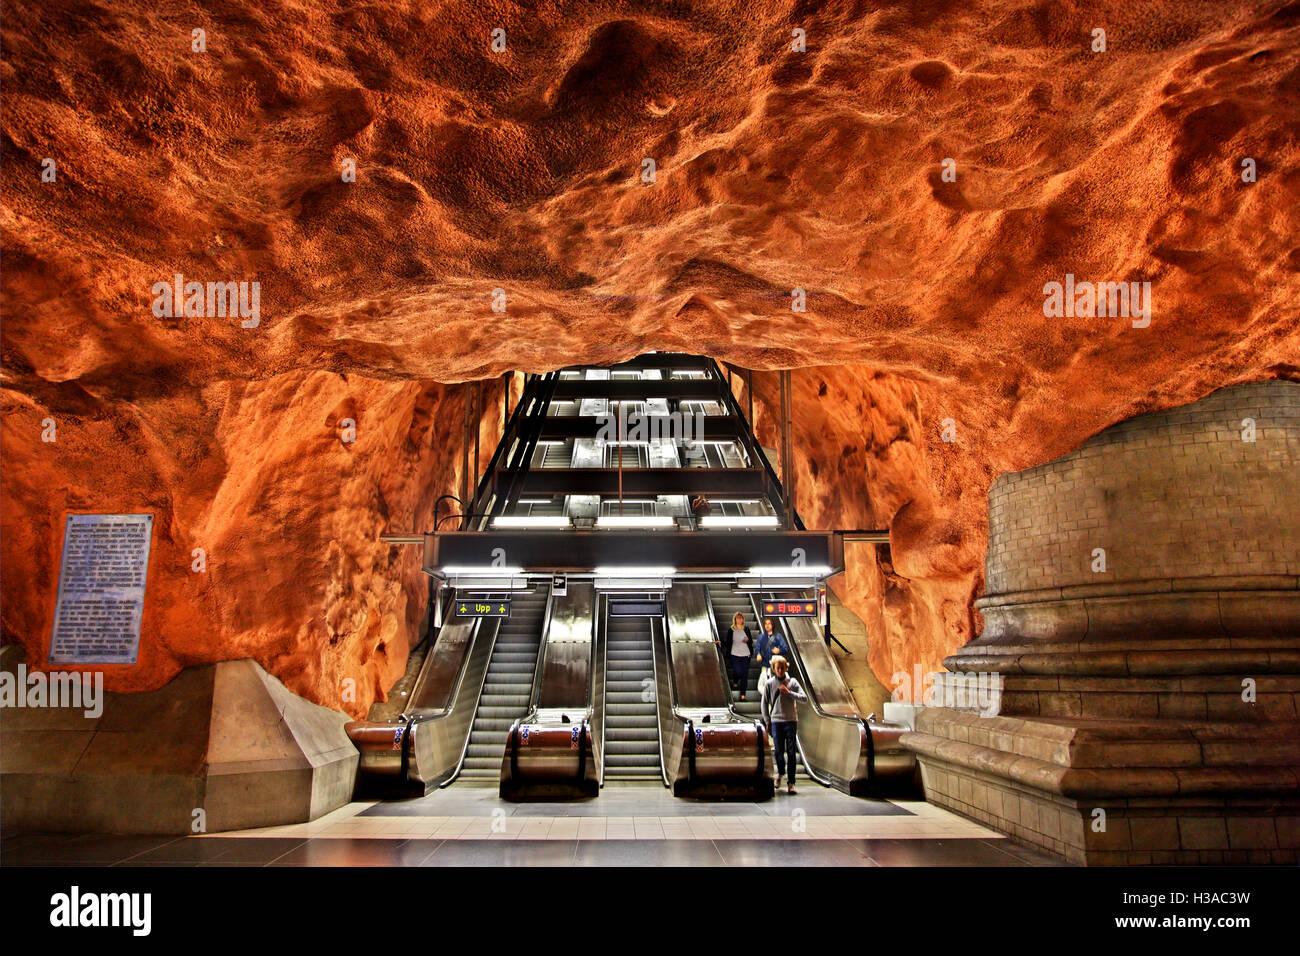 El impresionante Radhuset metro (Tunnelbana), Estocolmo, Suecia. Foto de stock